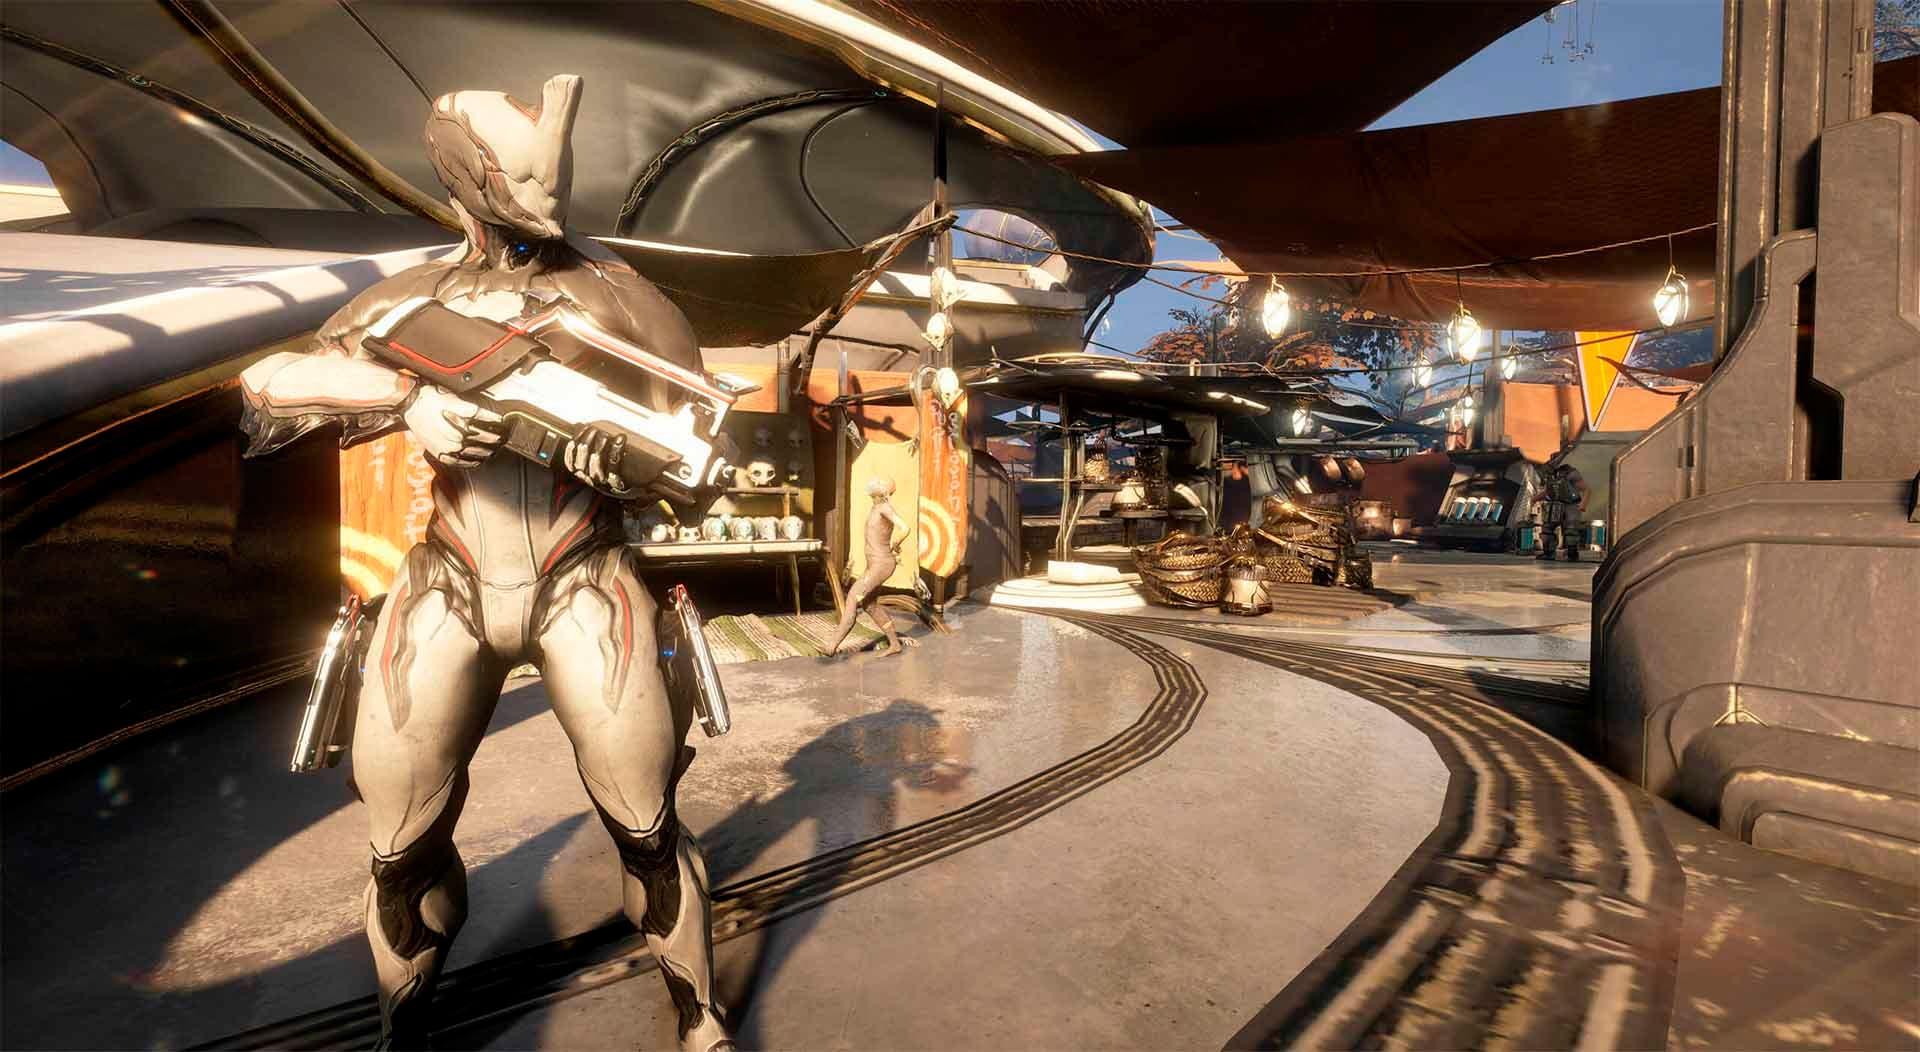 La versión optimizada de Warframe en Xbox Series X estaría a punto de llegar 2